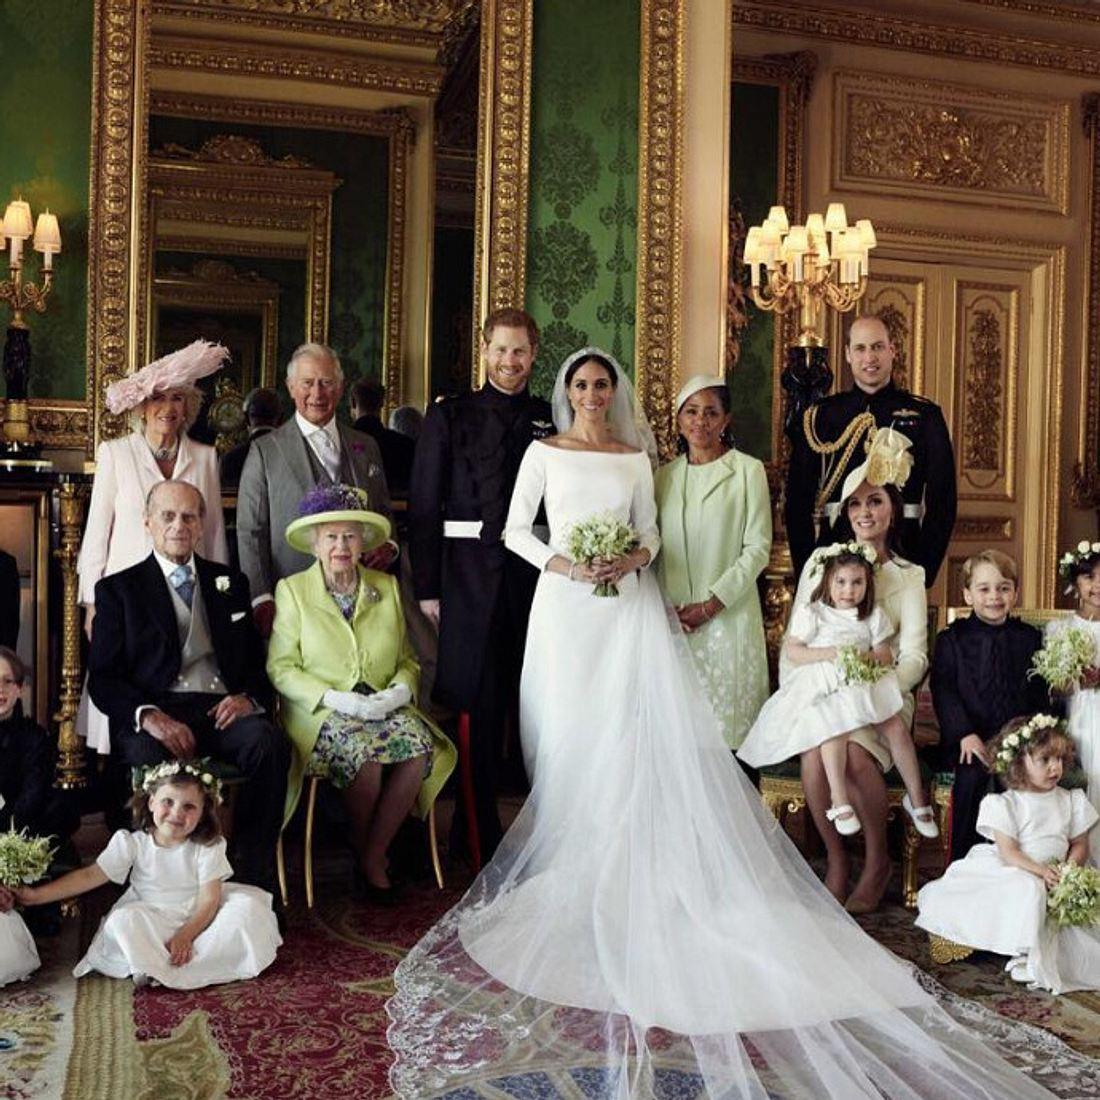 Das sind die offiziellen Hochzeitsfotos von Prinz Harry & Meghan Markle